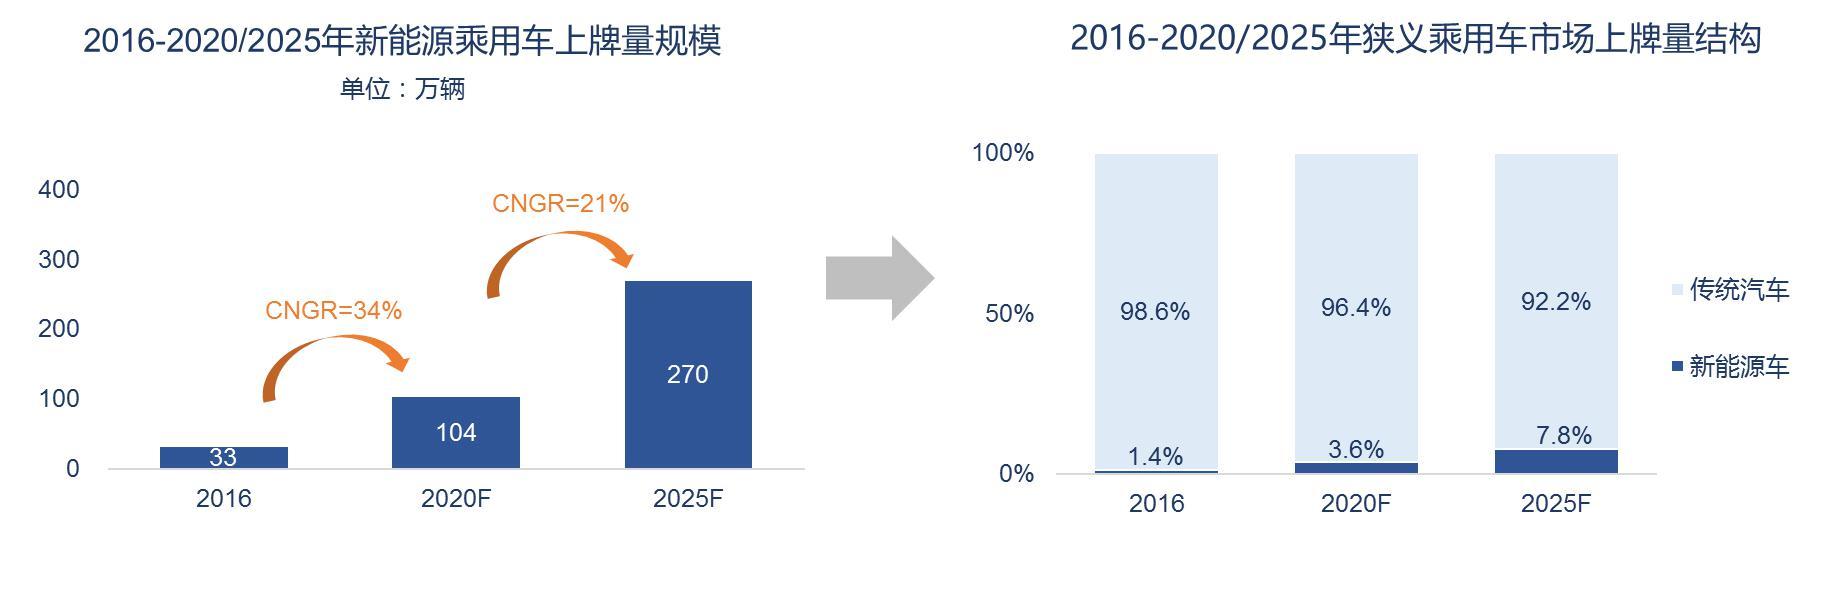 图表4. 中国新能源乘用车市场规模走势